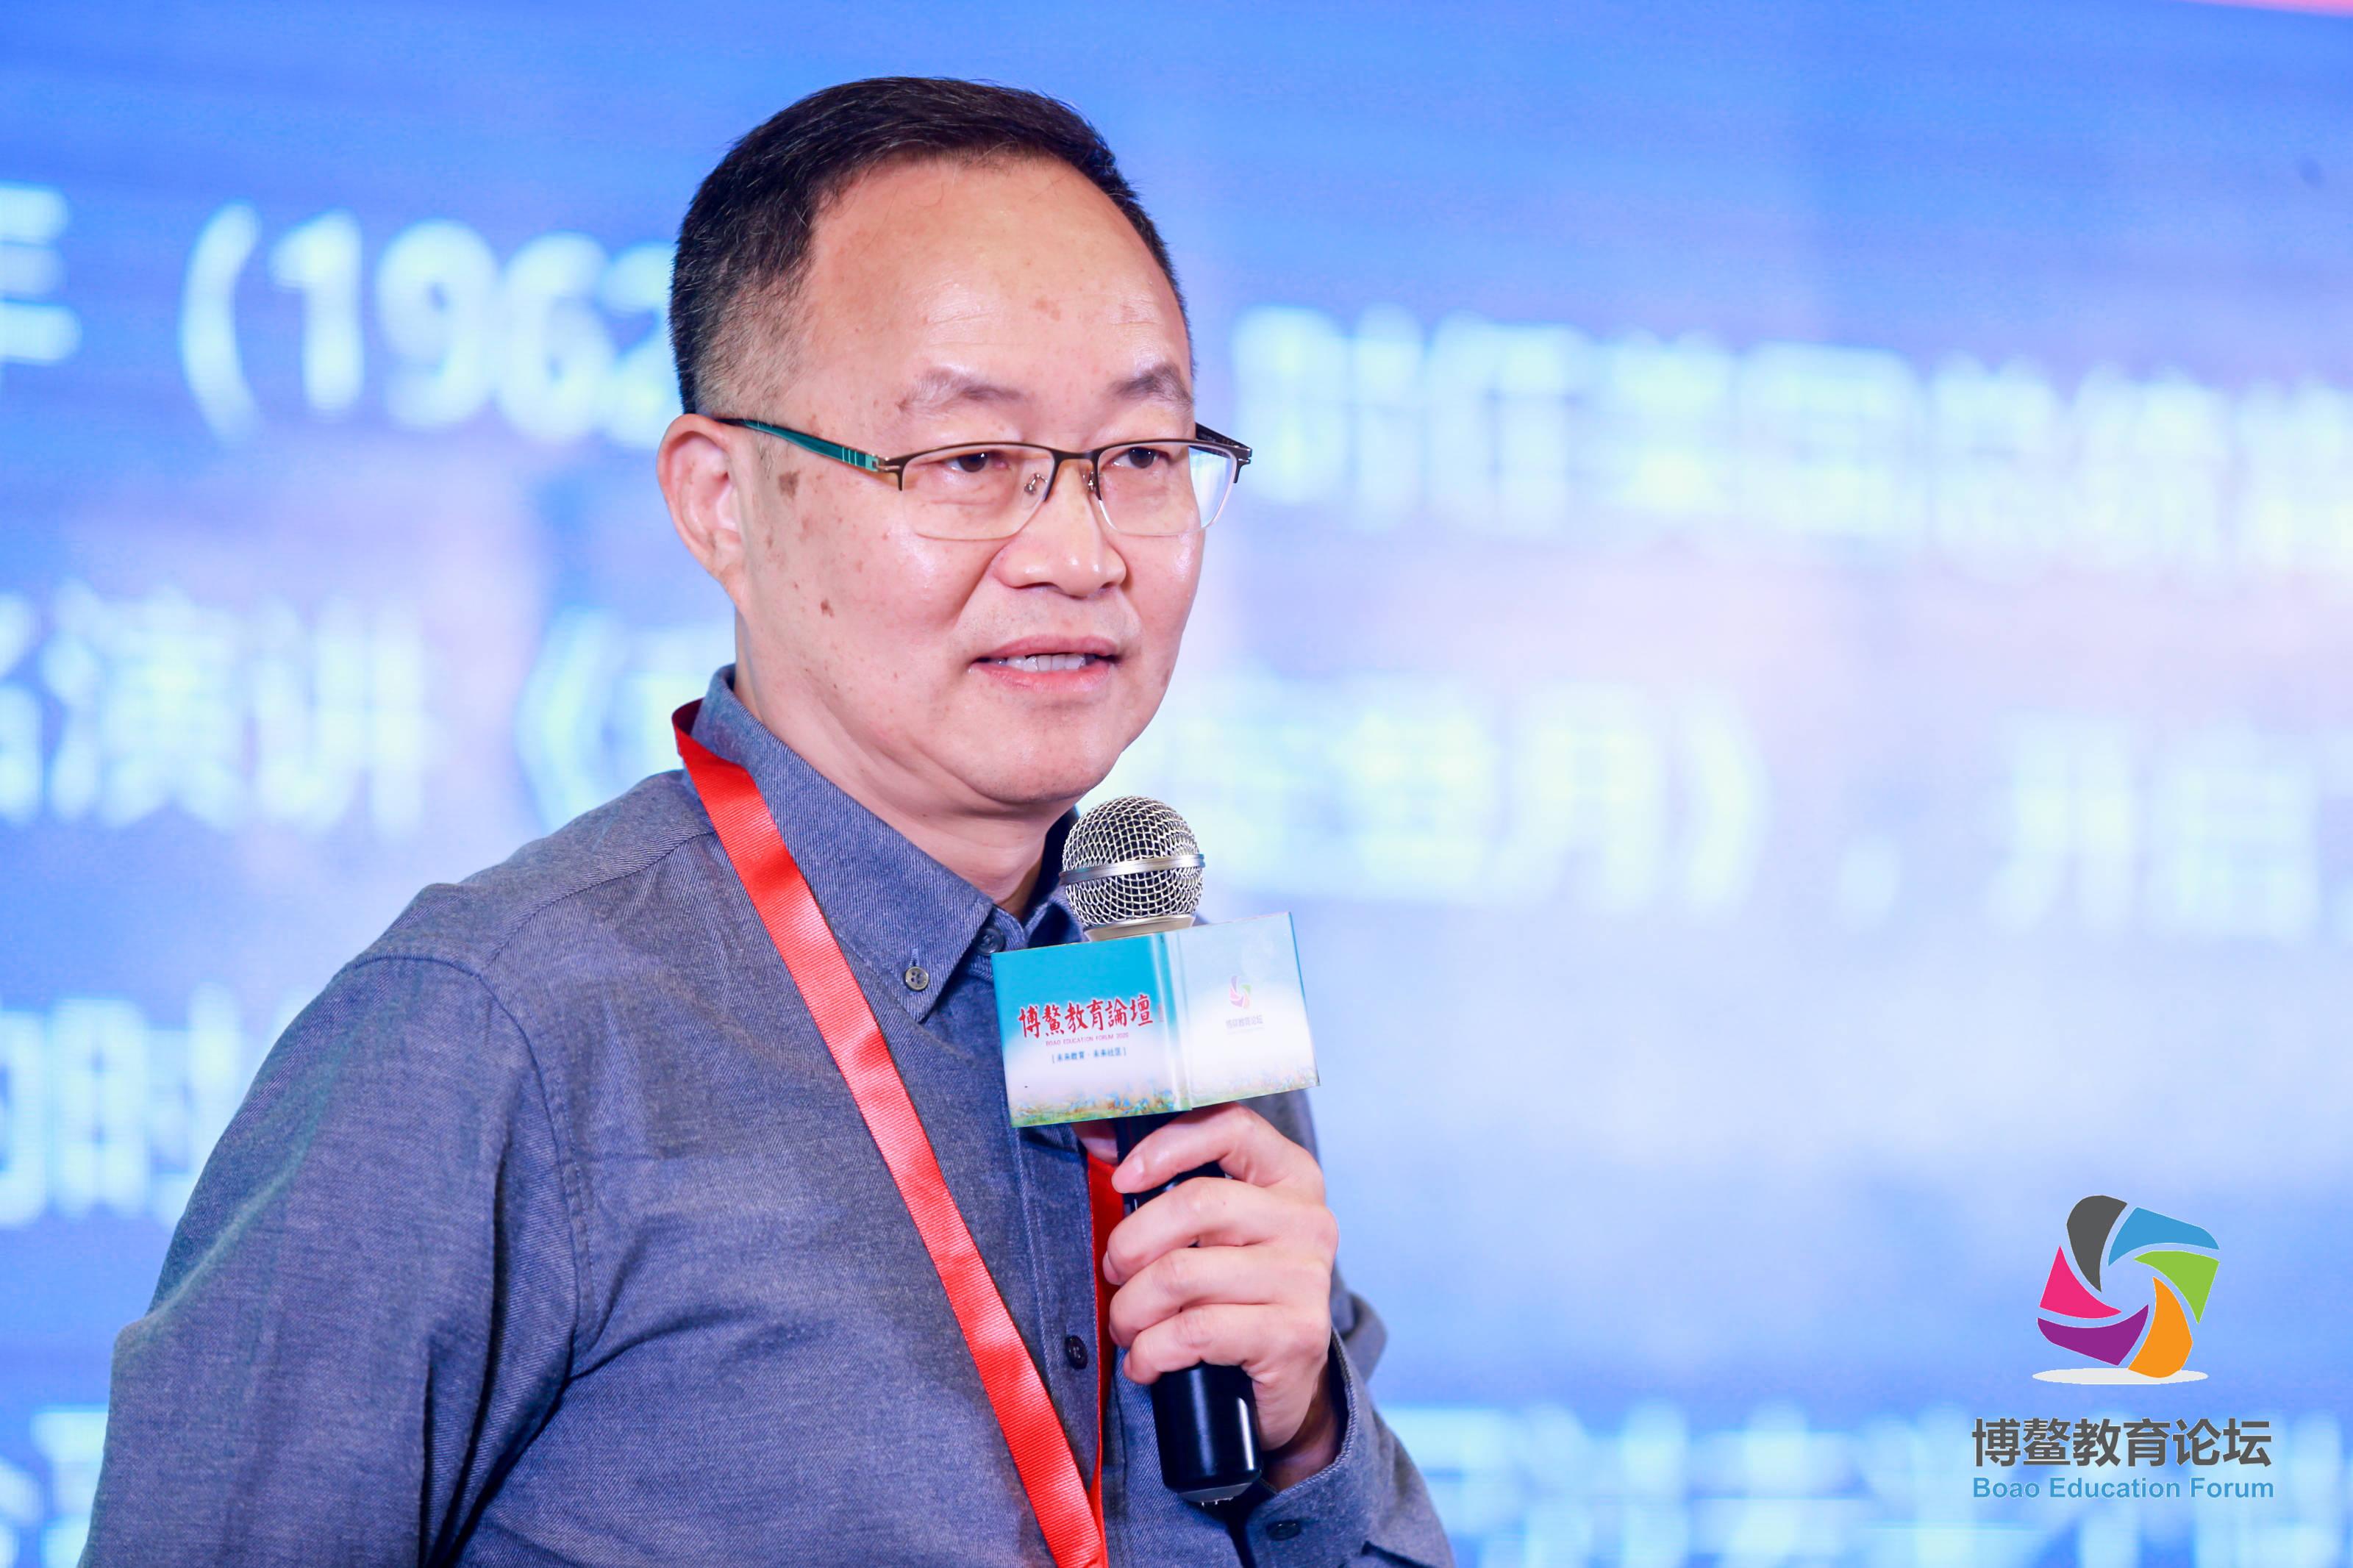 原创 北京师范大学中国教育创新研究院院长刘坚:教育创新需要企业家精神